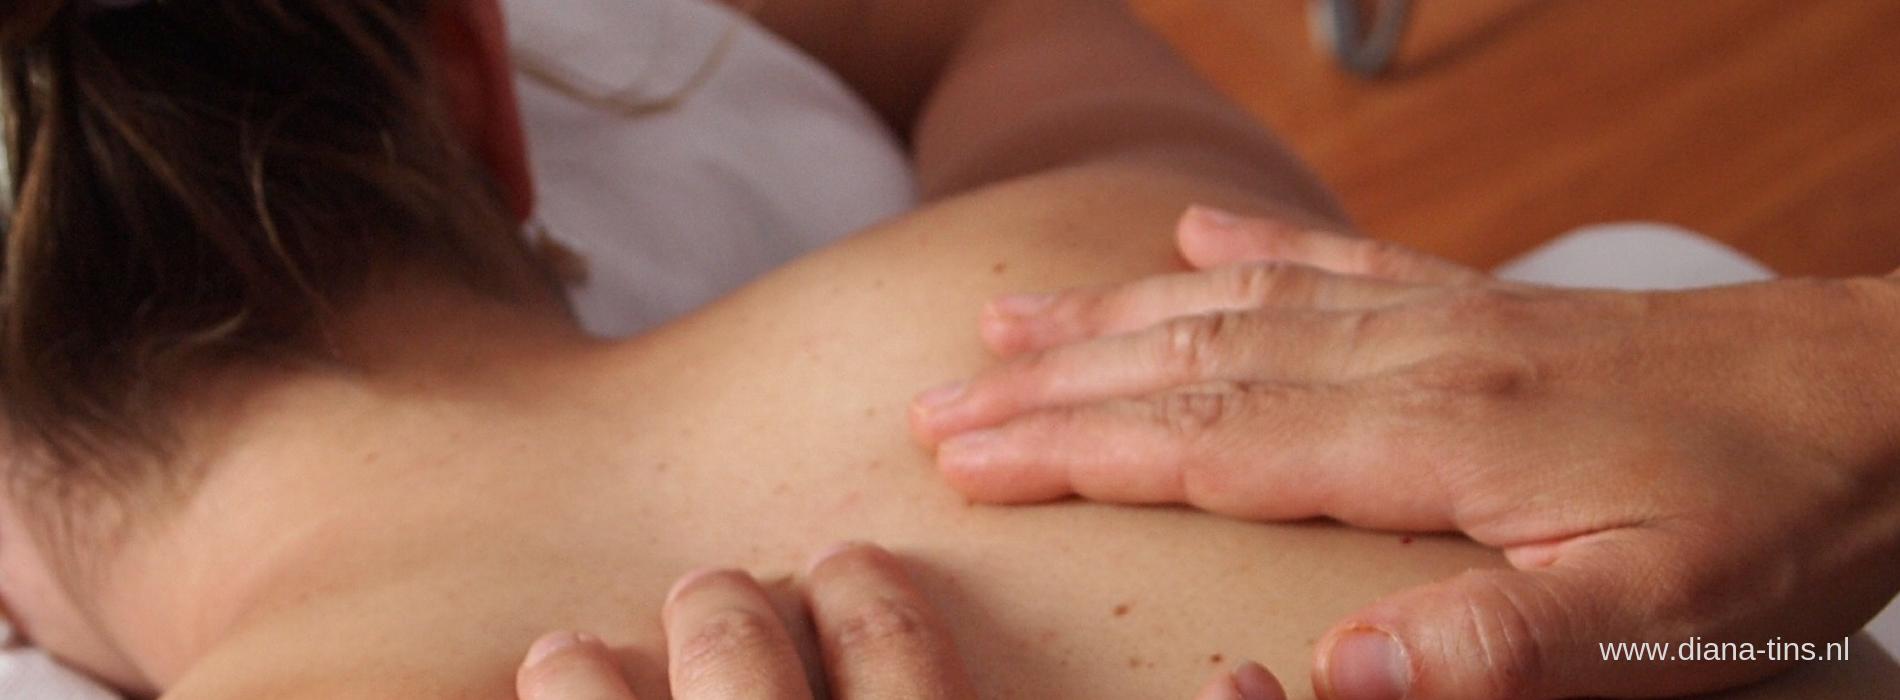 Top essentiële oliën voor spieren en gewrichten